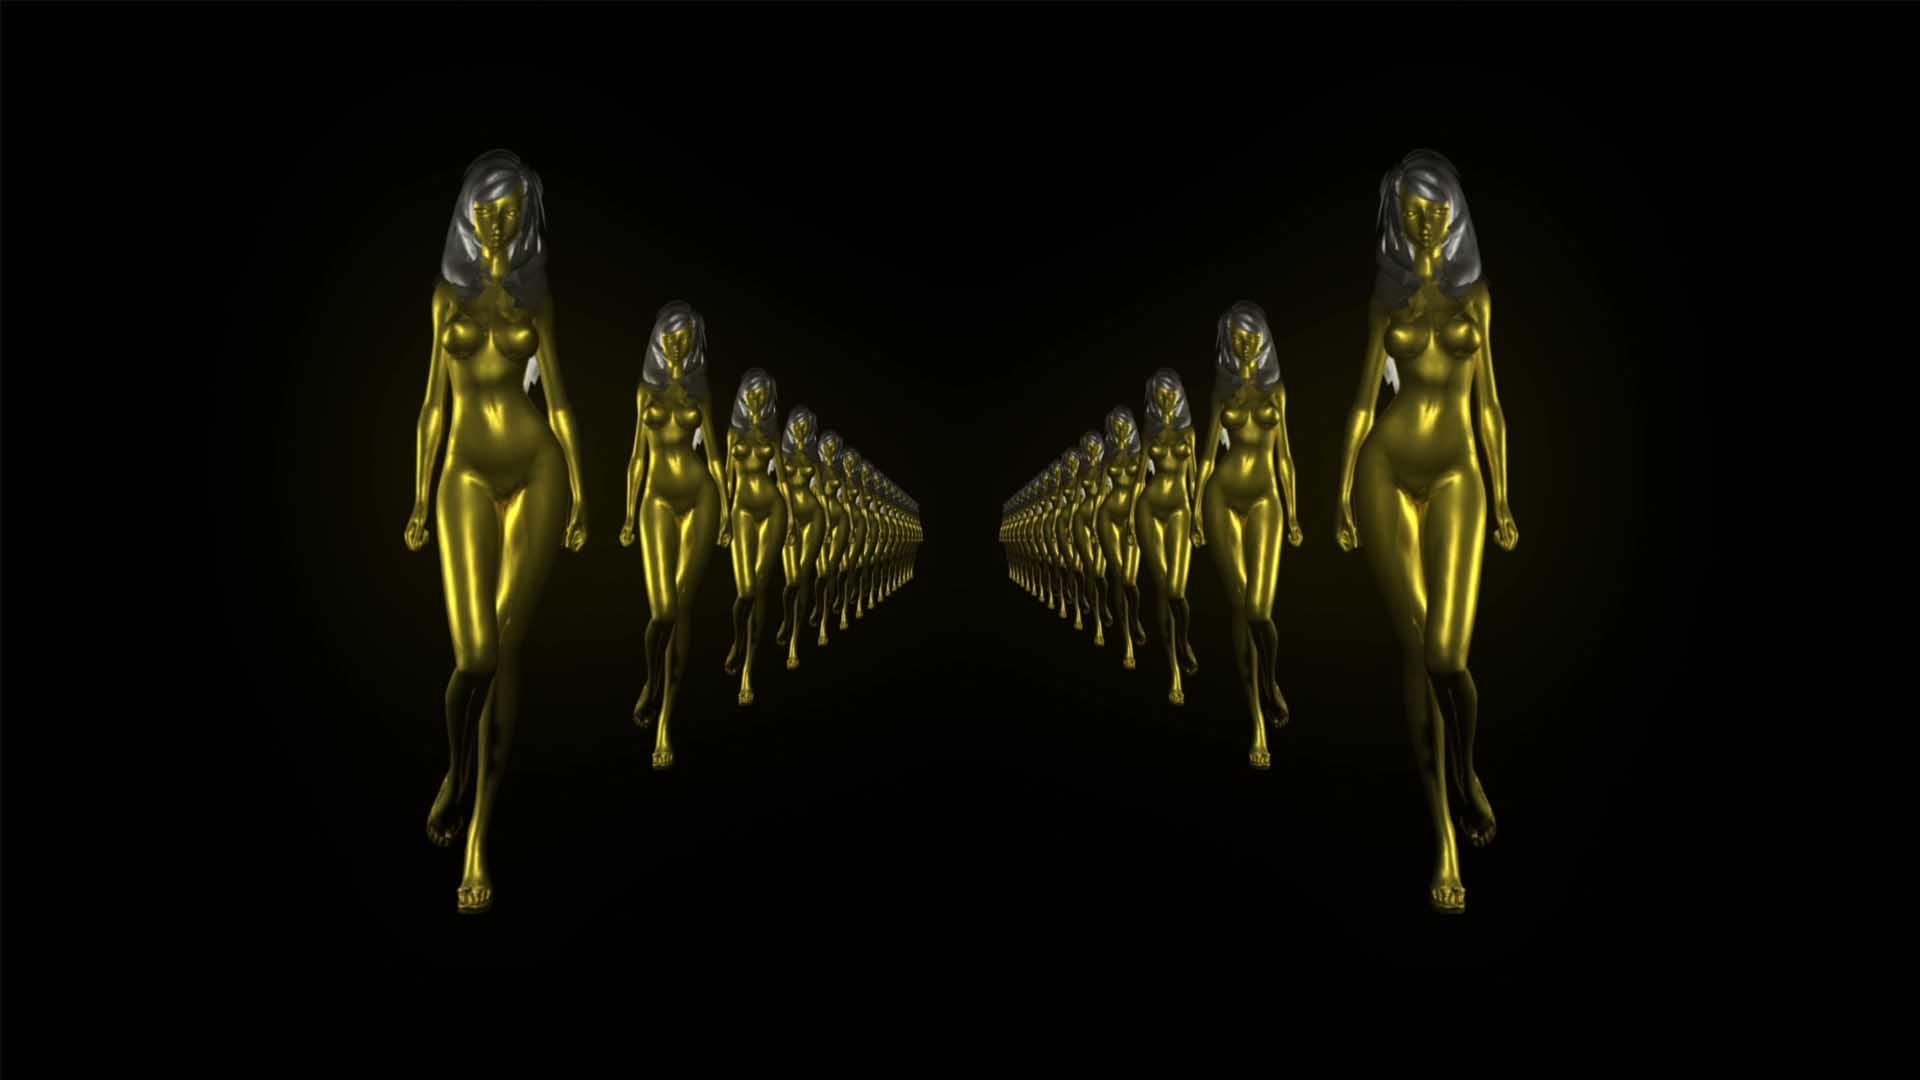 golden woman video